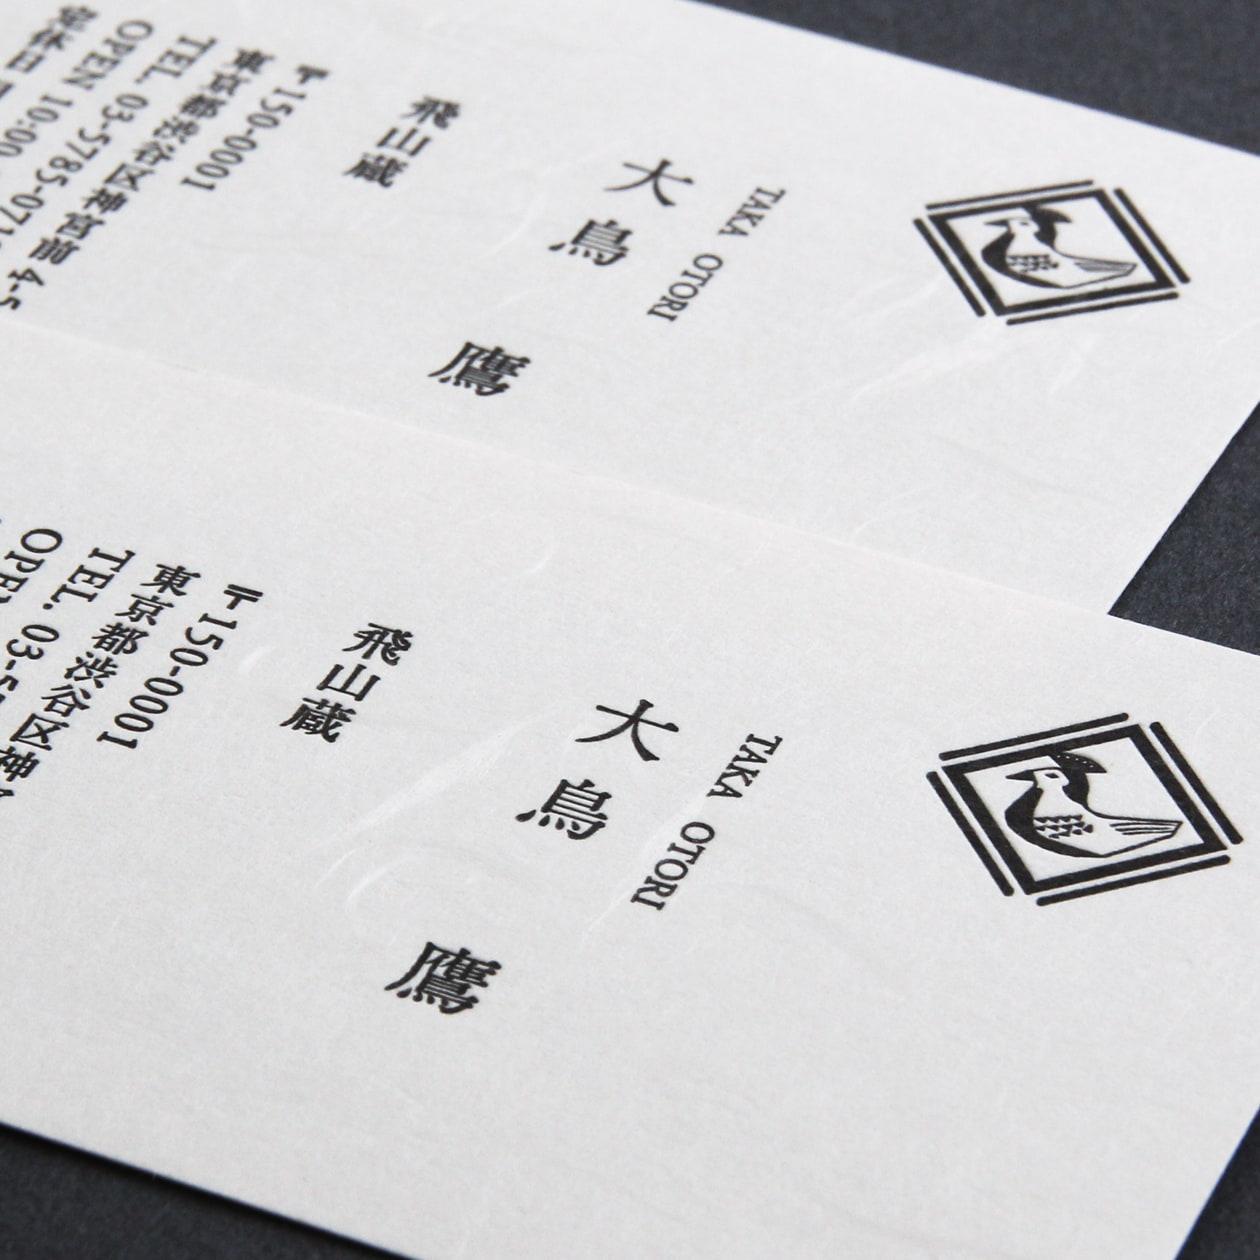 和紙と活版印刷で伝統を伝える 酒造会社の名刺